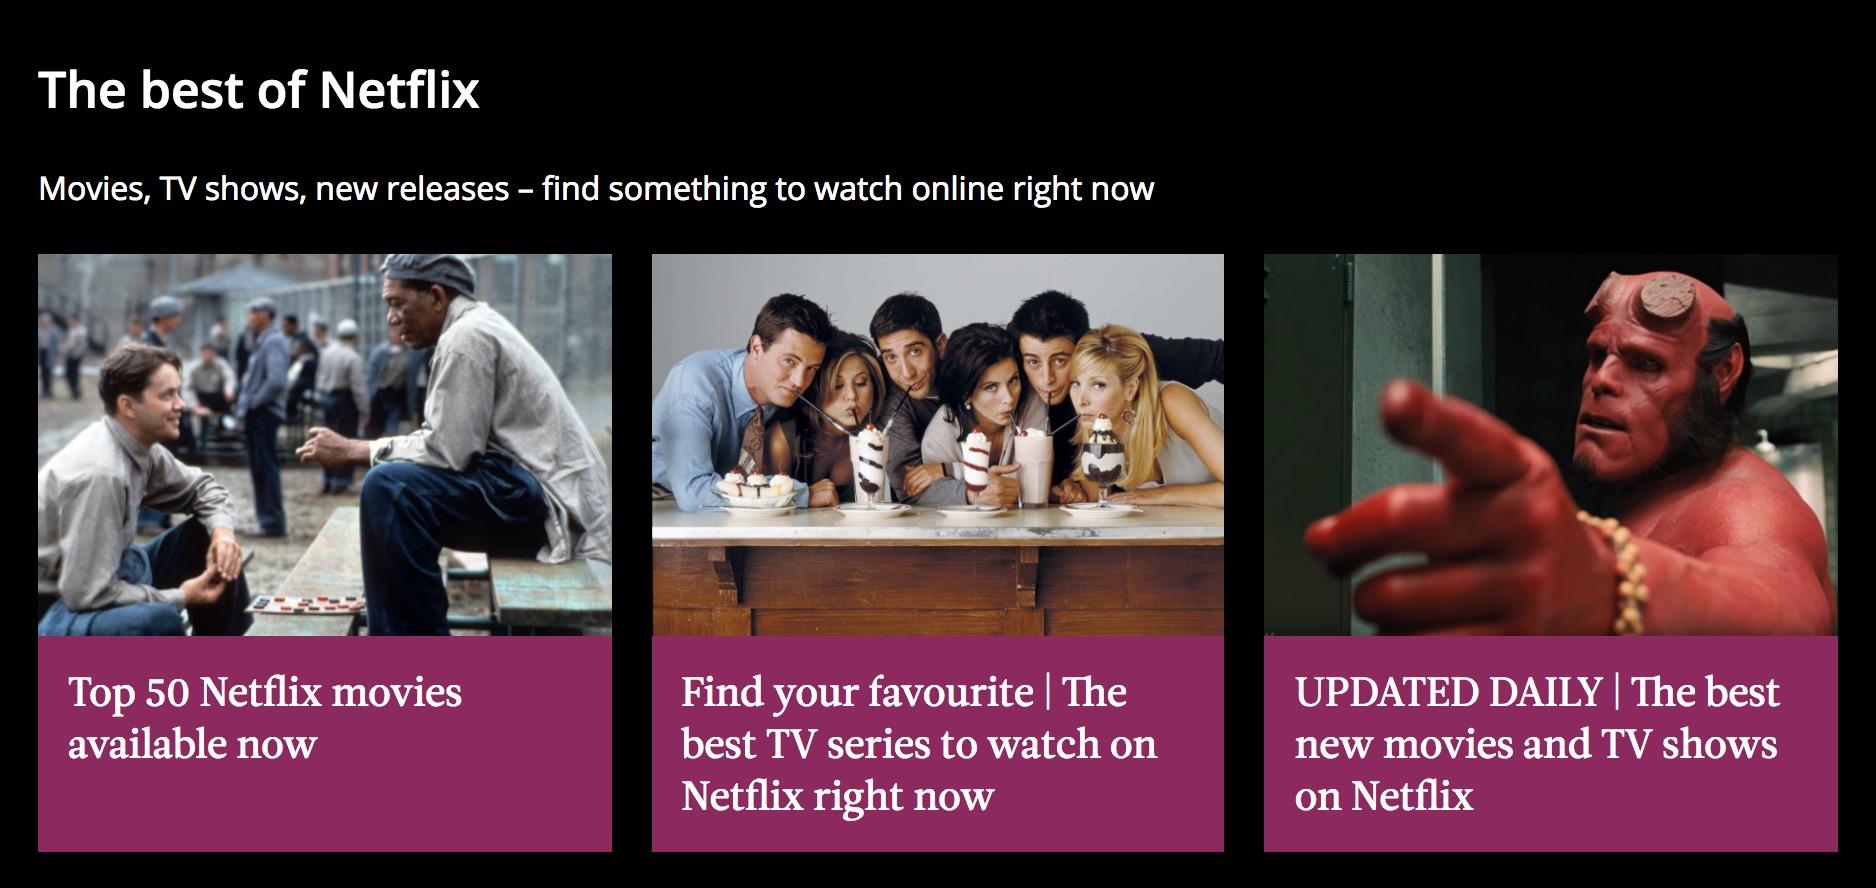 Netflix Radio Times hub page